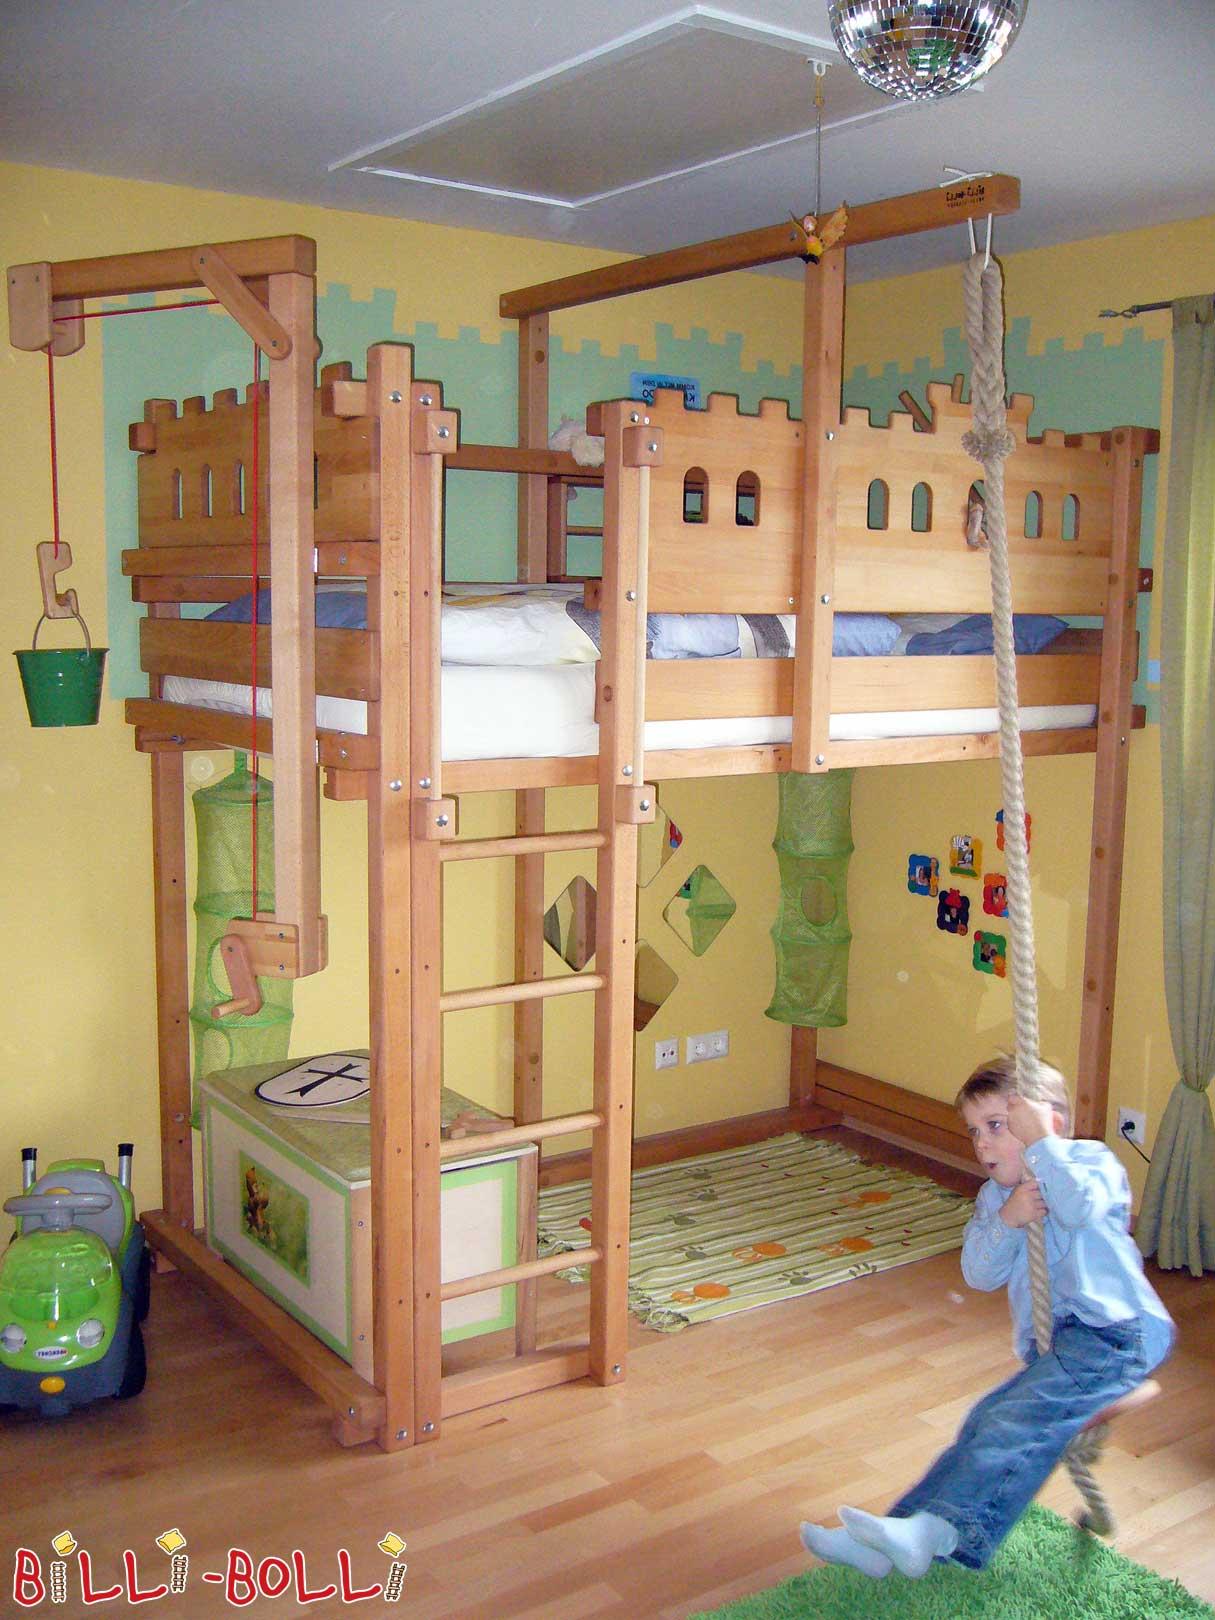 Full Size of Hochbett Kinderzimmer Mitwachsend Fr Online Kaufen Billi Bolli Regal Weiß Sofa Regale Kinderzimmer Hochbett Kinderzimmer